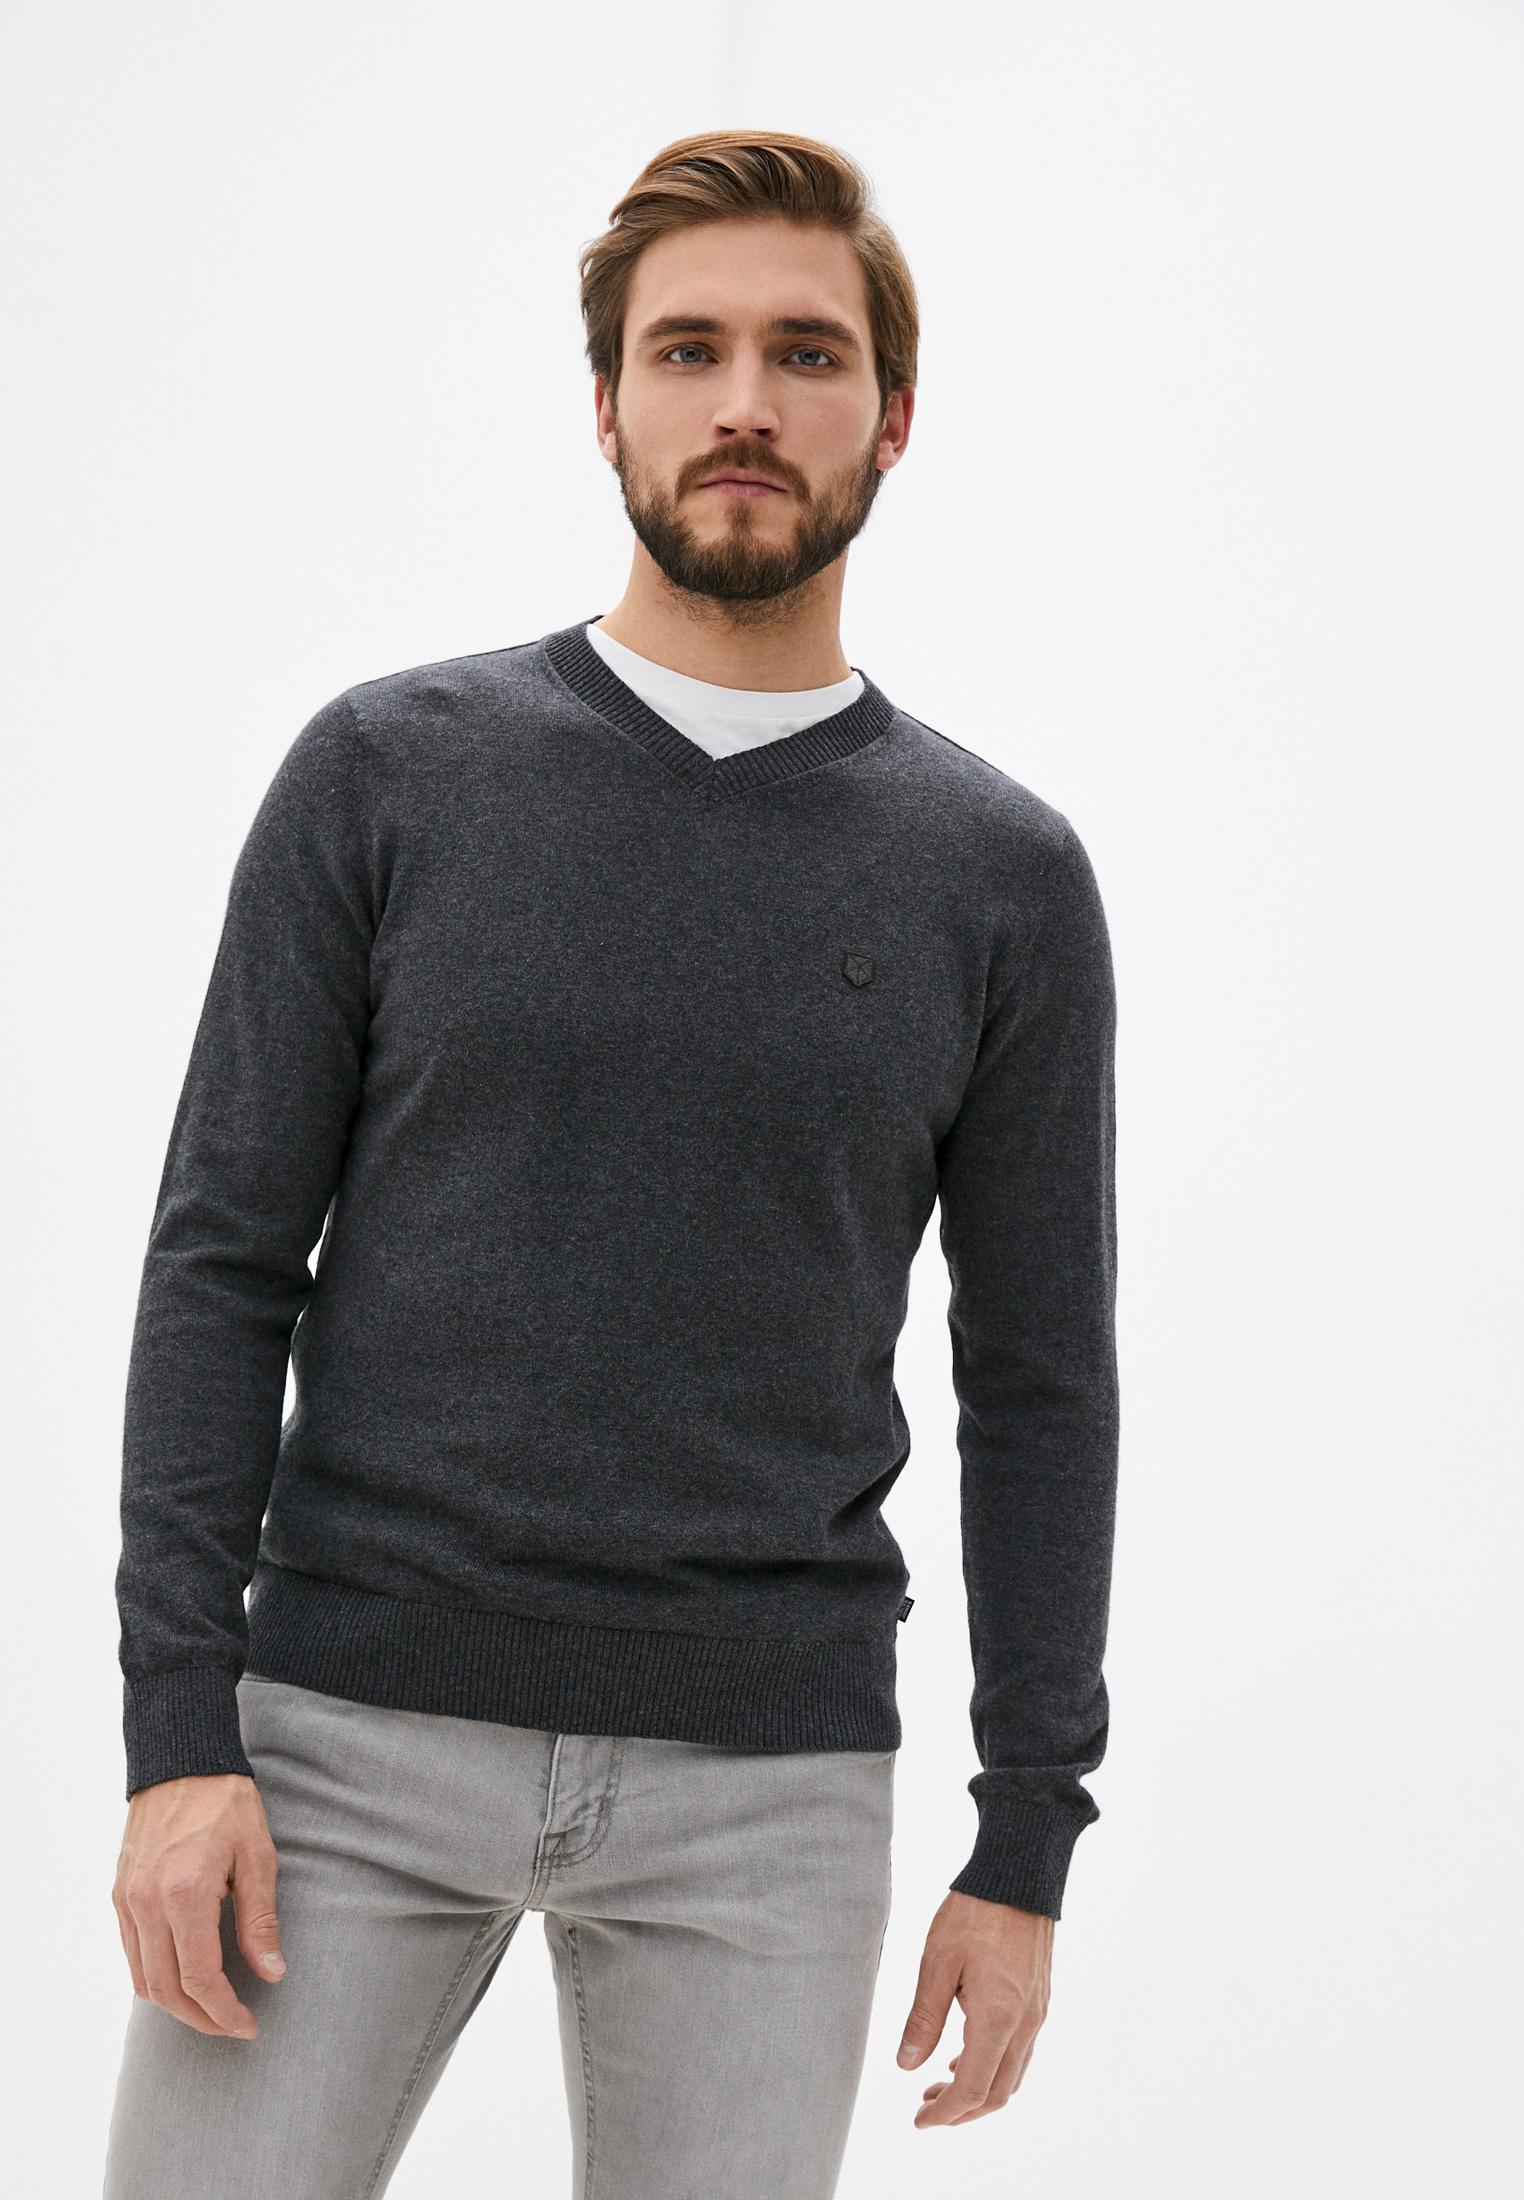 Пуловер Jack & Jones (Джек Энд Джонс) Пуловер Jack & Jones